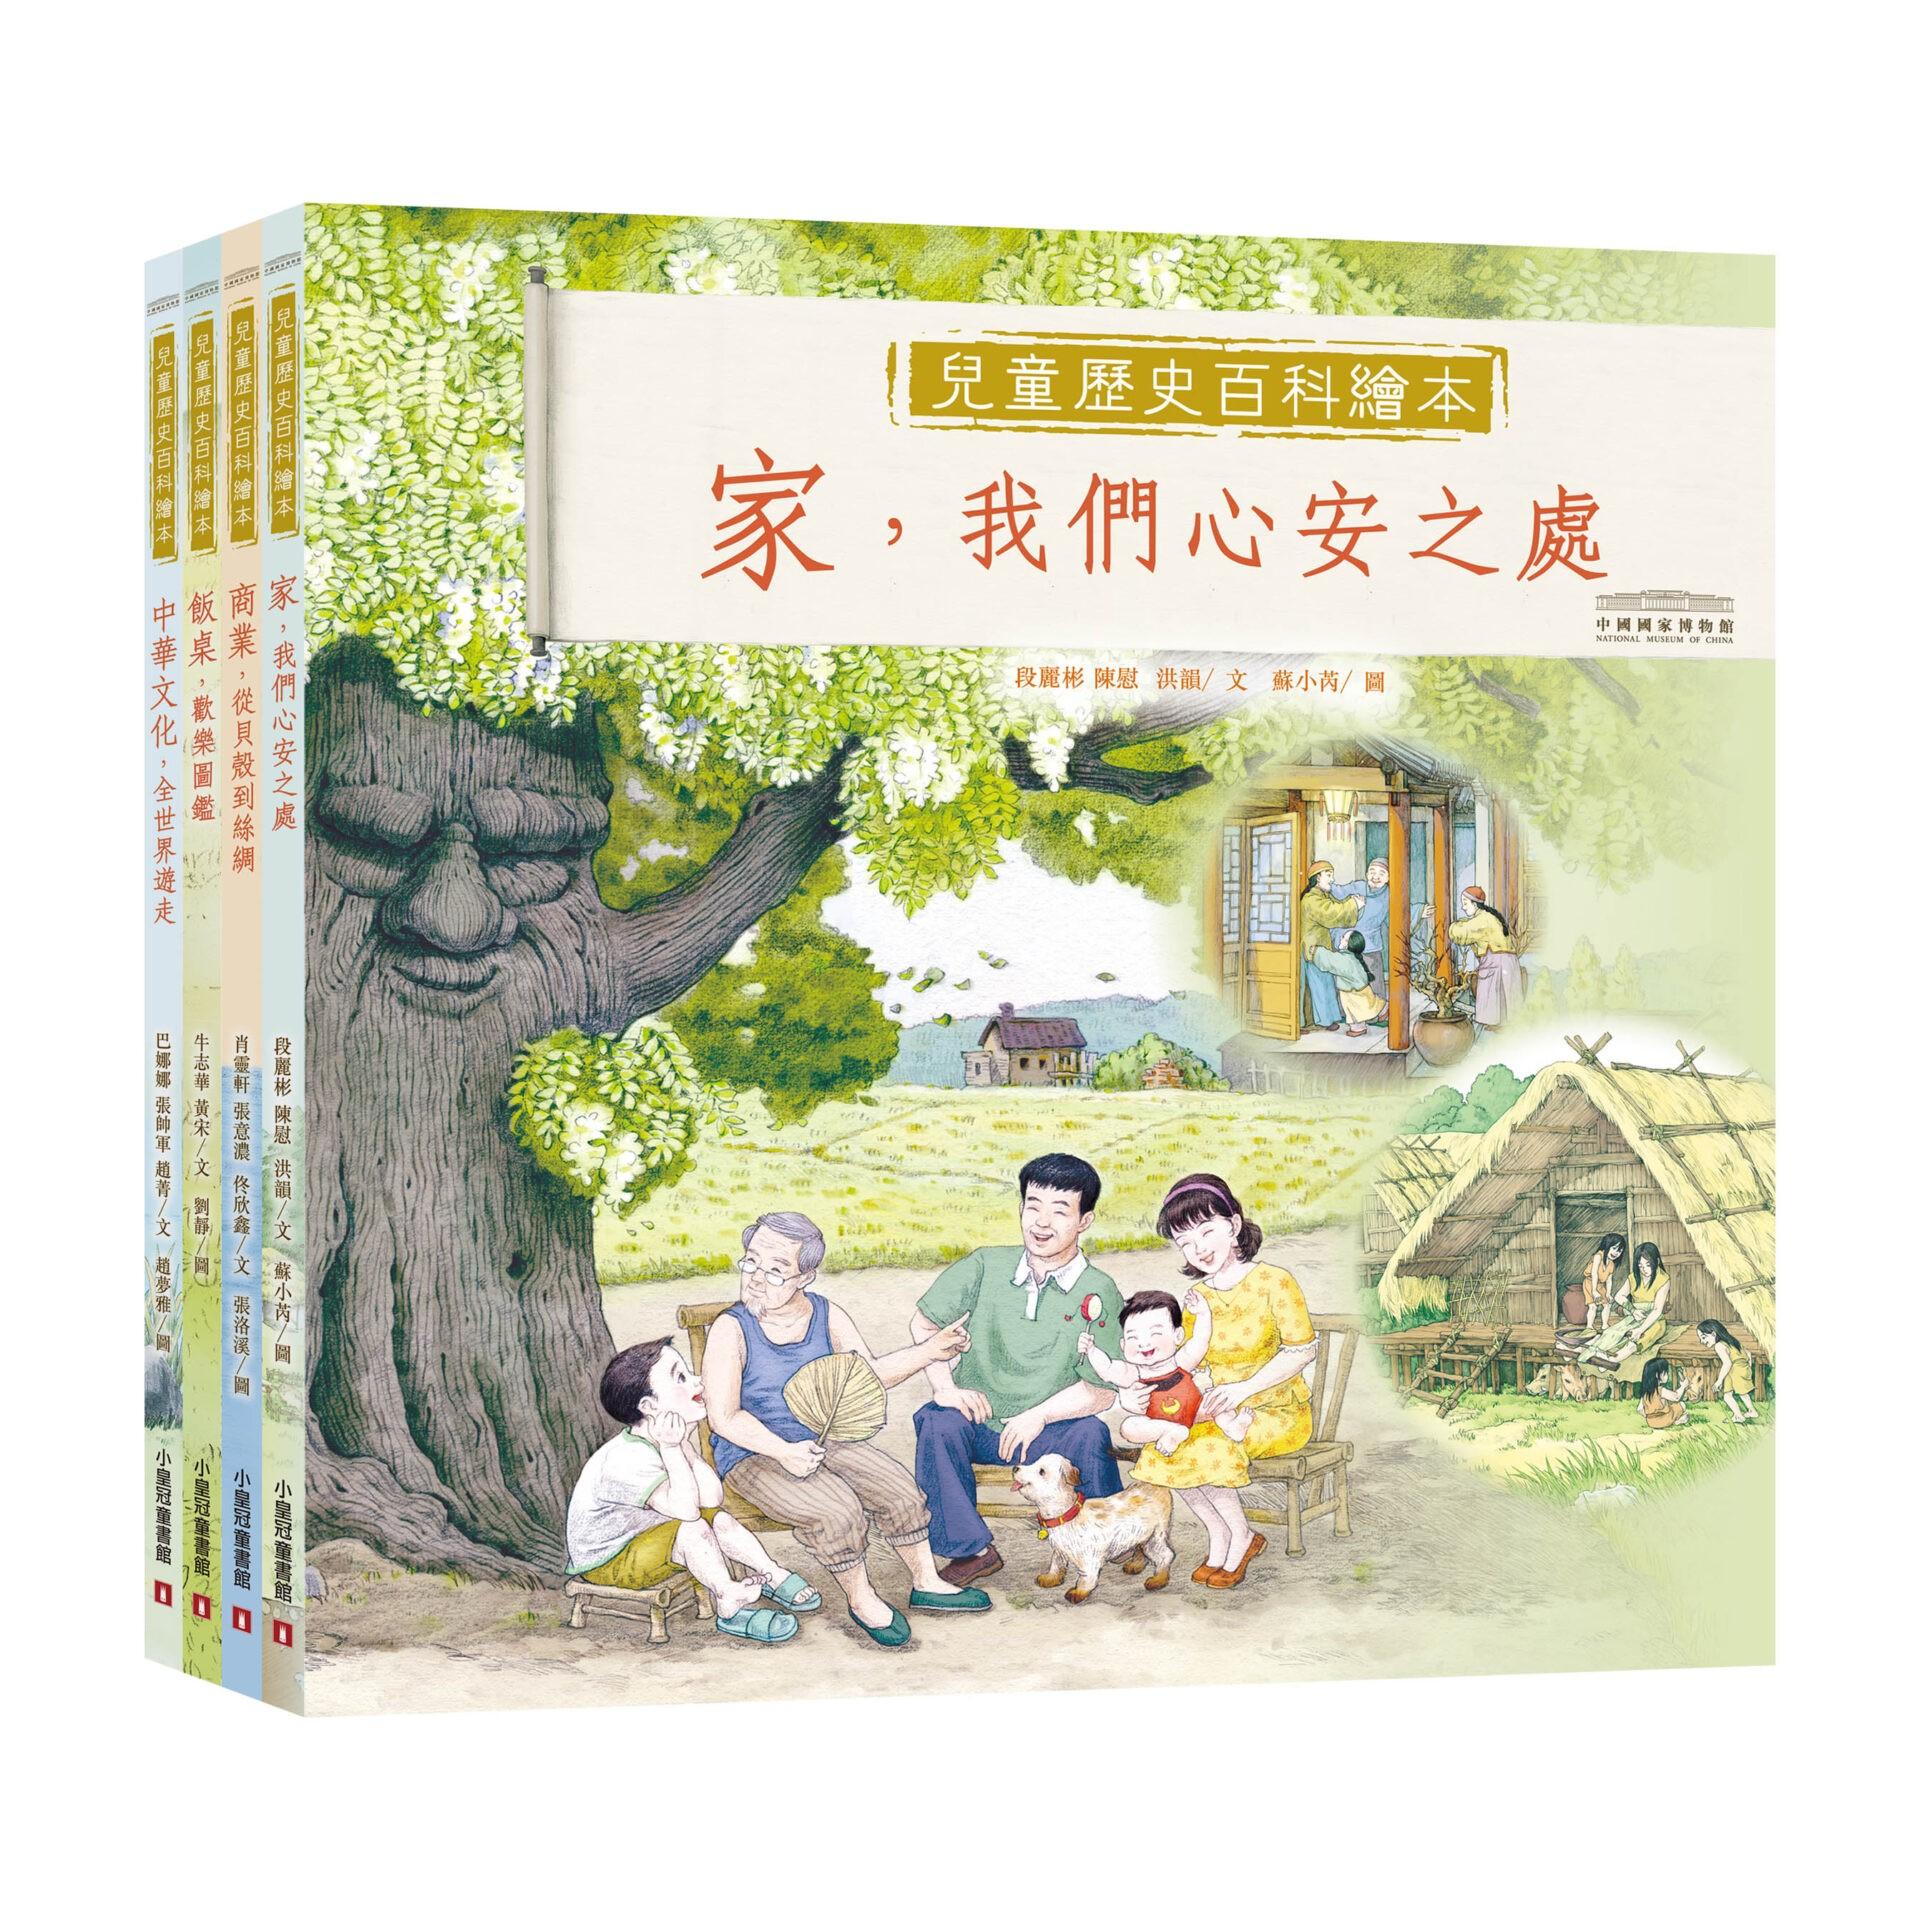 中國國家博物館兒童歷史百科繪本系列  5冊套裝